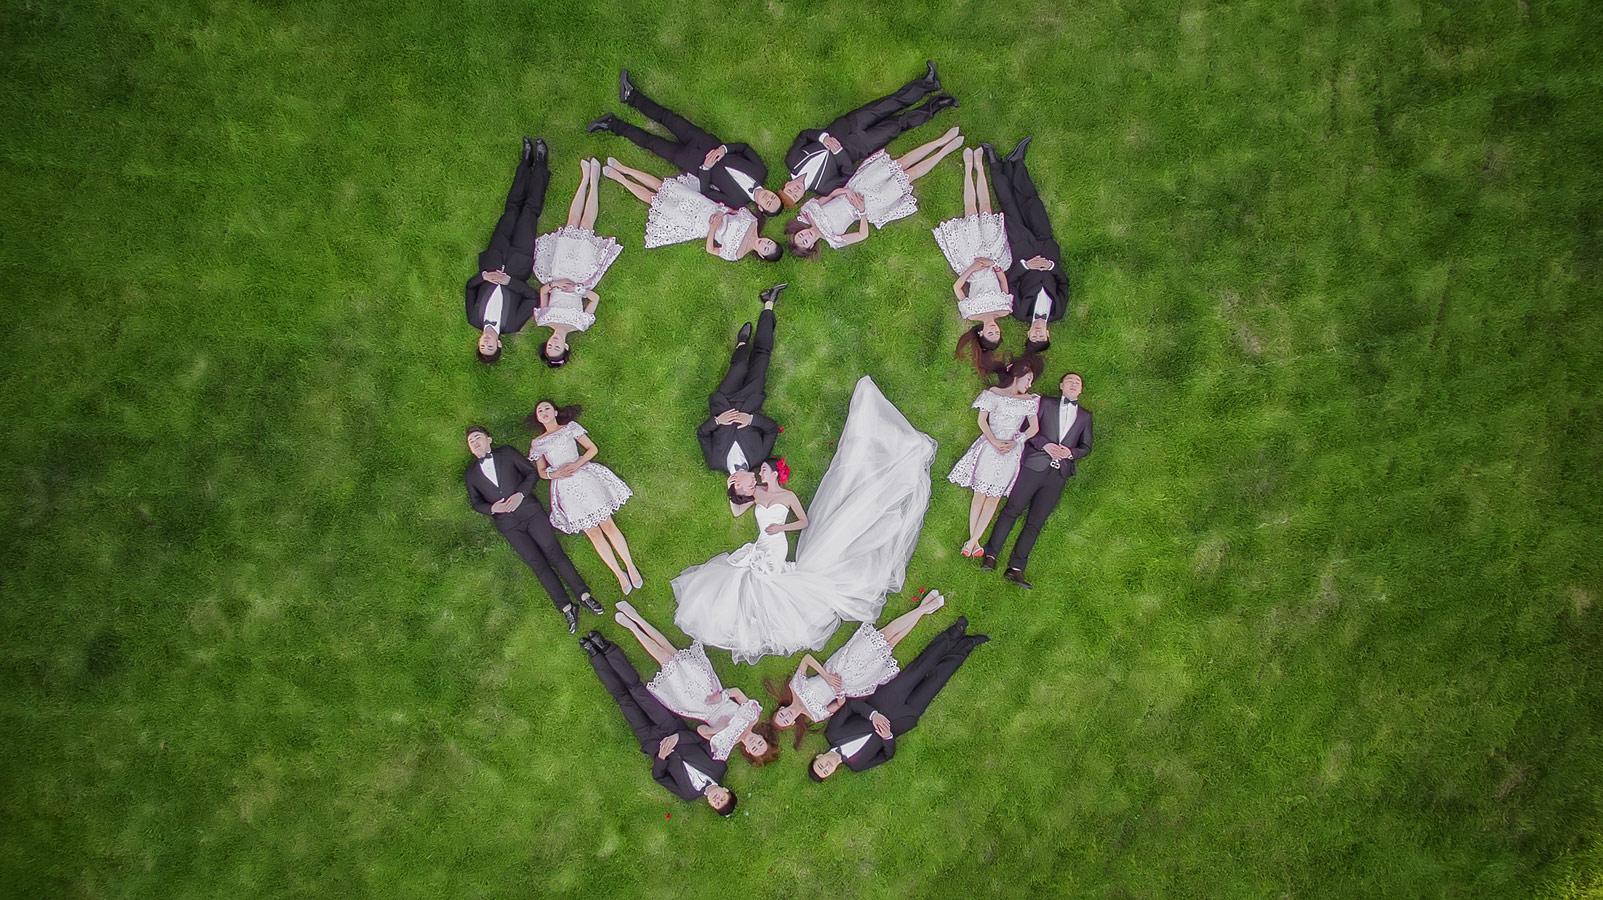 Лэй Лю / Lei Liu, Первое место в категории «Свадьба — Свадебная вечеринка/Семья и друзья», Фотоконкурс WPPI First Half Competition 2017